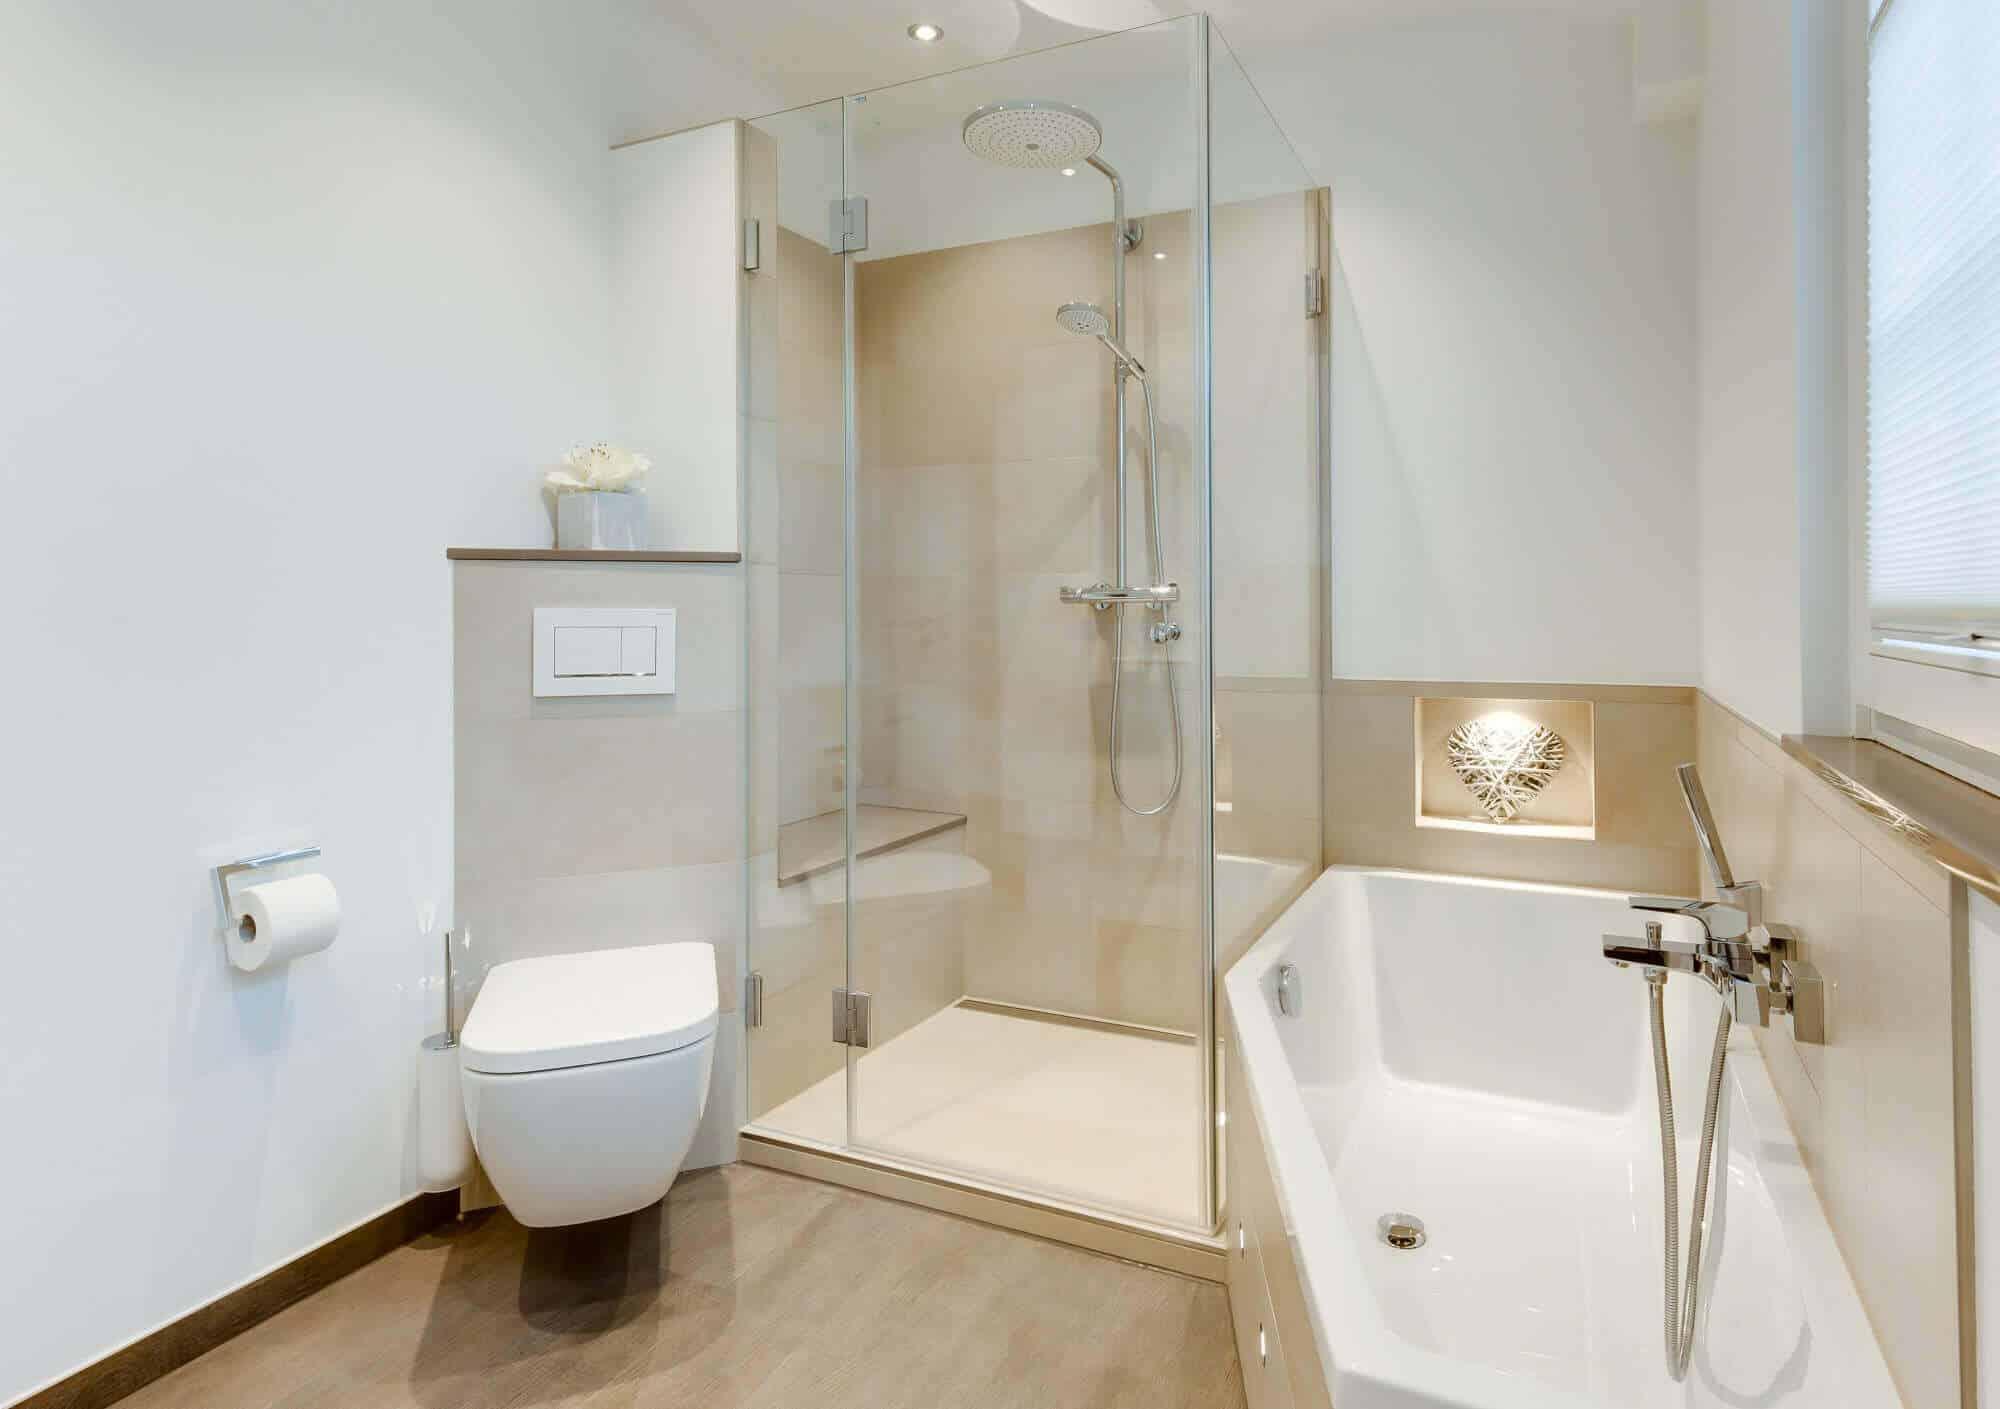 badezimmer mit wanne und hochwertiger glasdusche. Black Bedroom Furniture Sets. Home Design Ideas